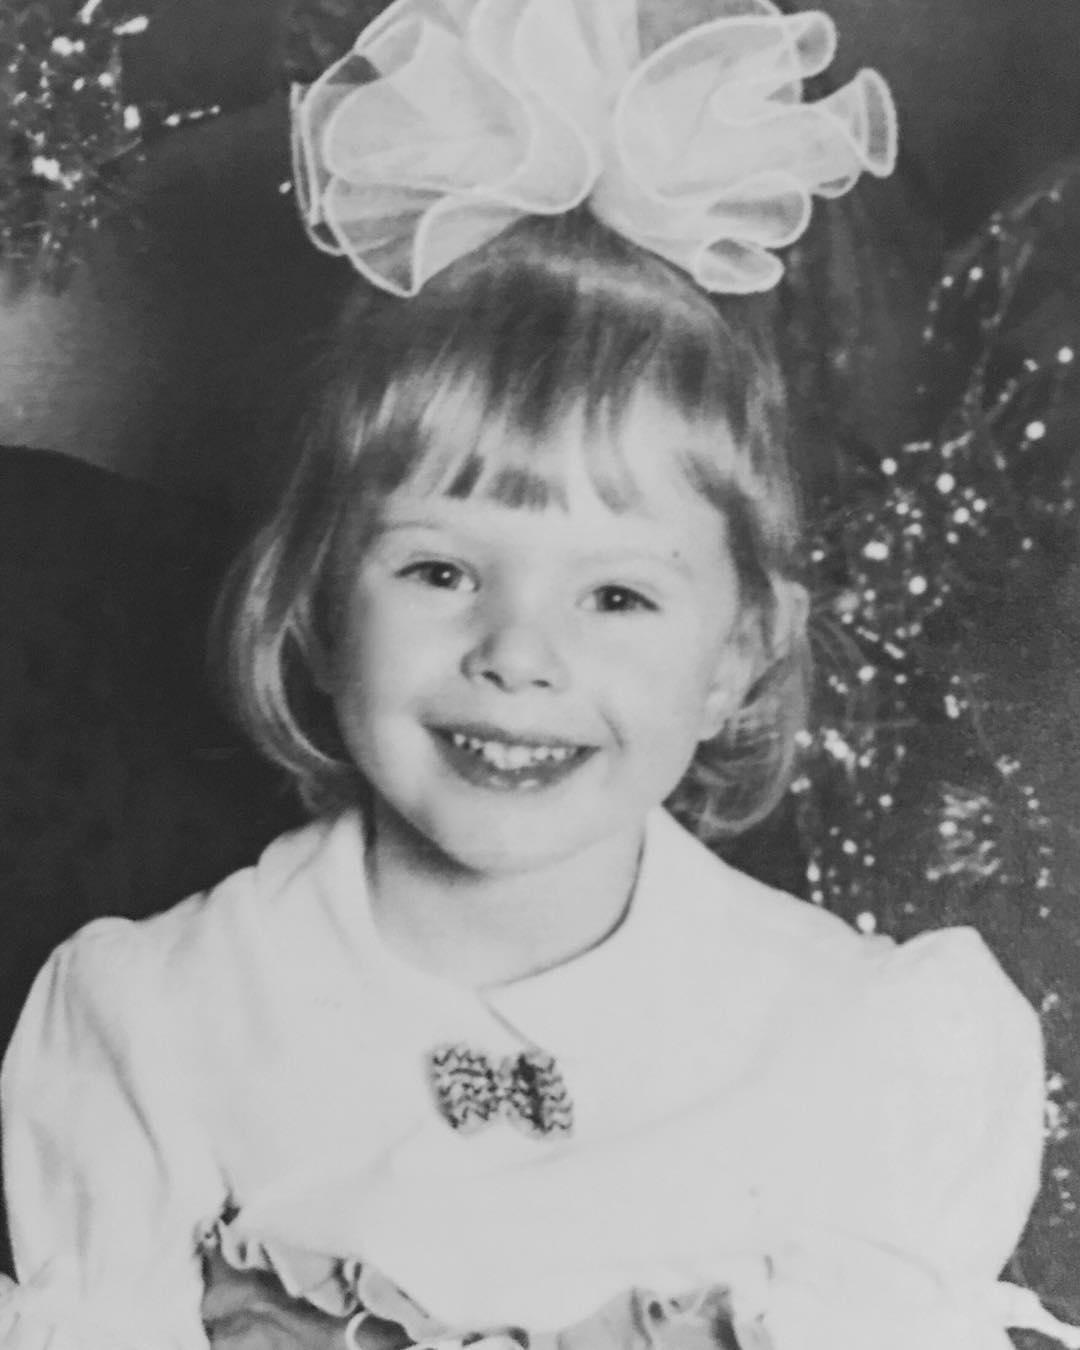 Фото Марианны Елисеевой в детстве